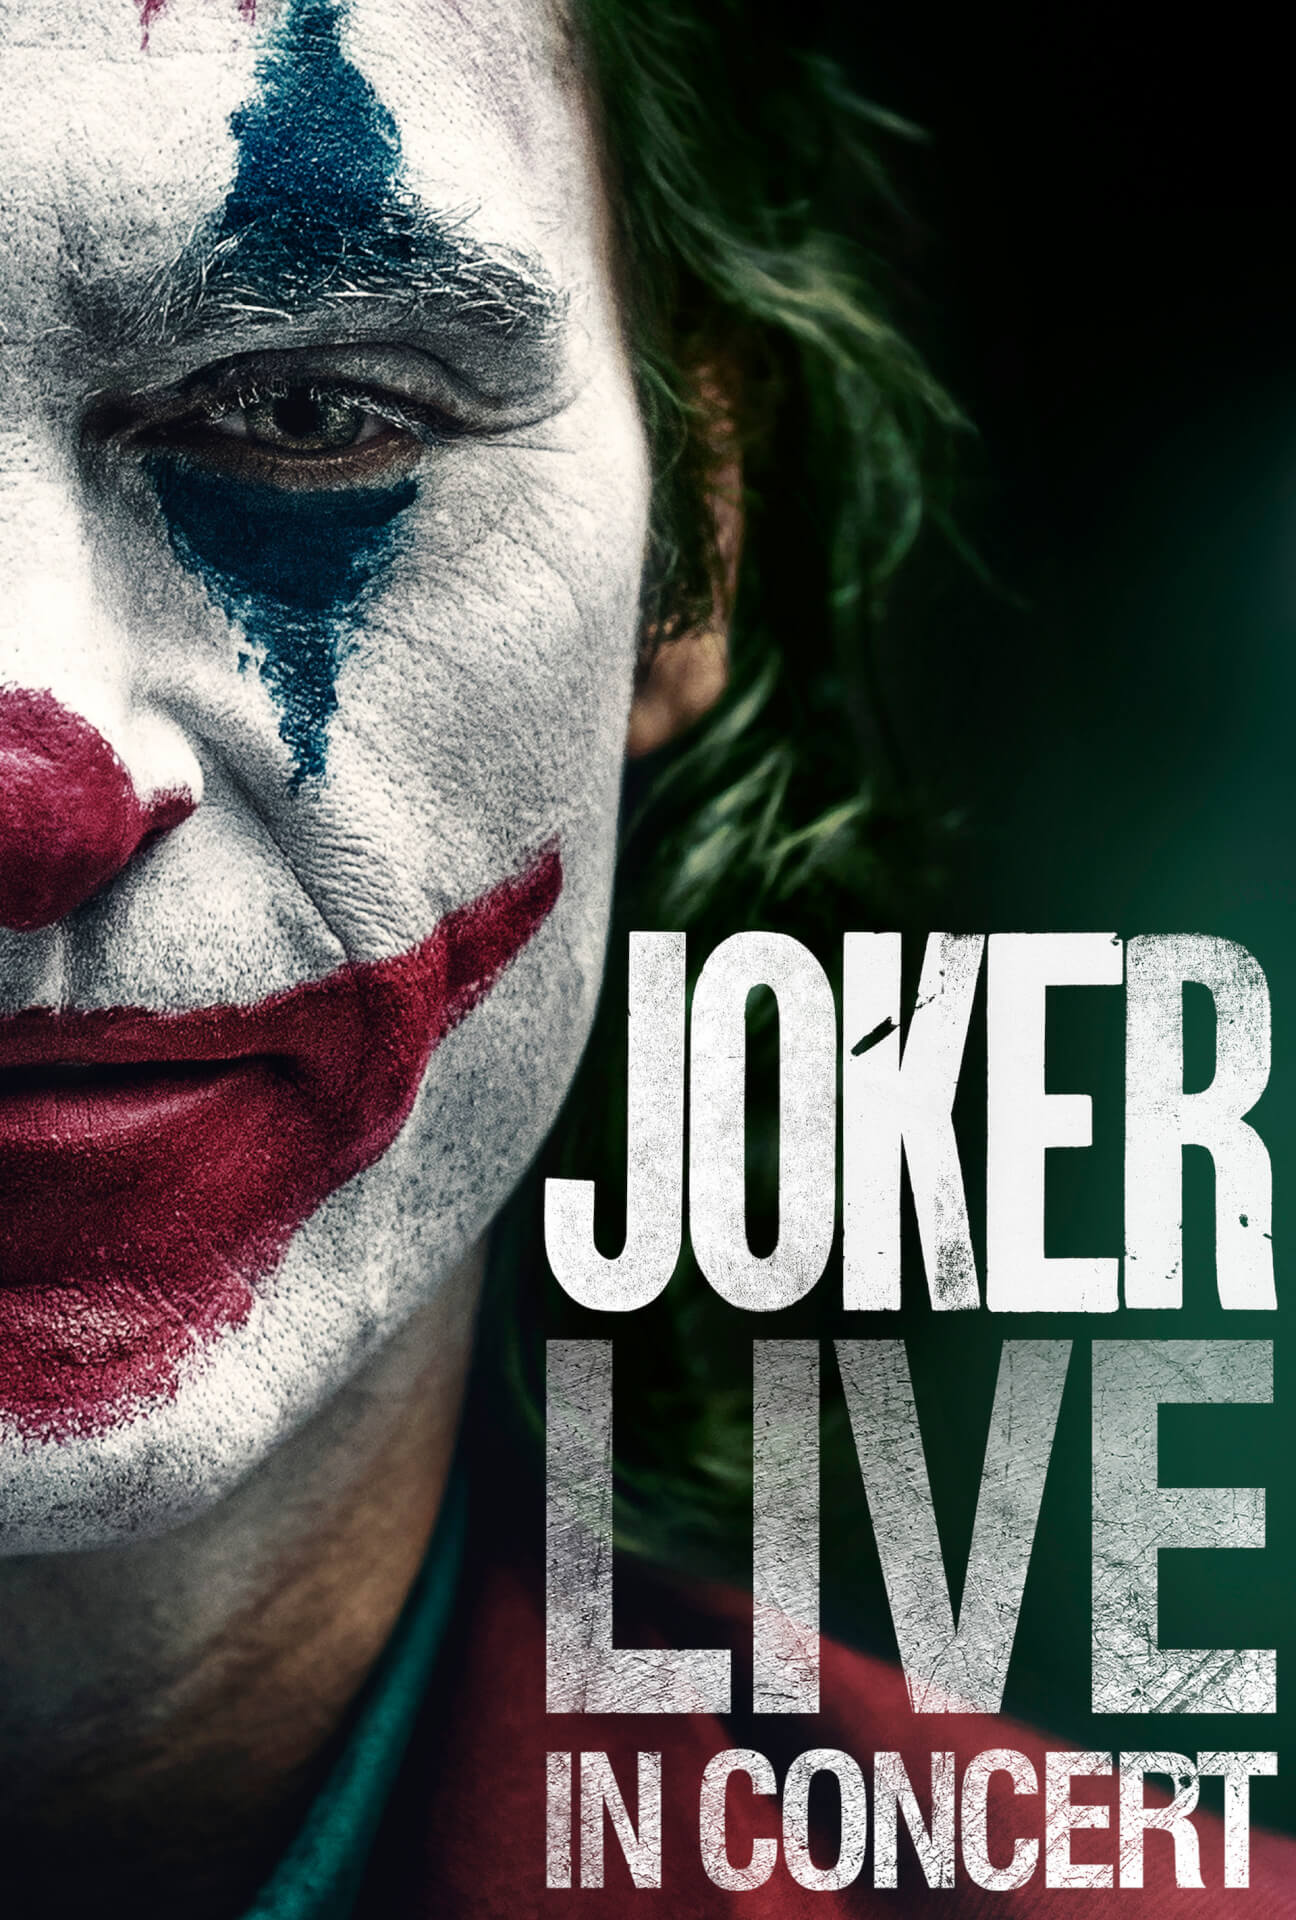 昨年アカデミー賞受賞で話題をさらった『ジョーカー』がフィルムコンサートで蘇る!東京国際フォーラムホールAにて開催決定 film201031_joker_live_main